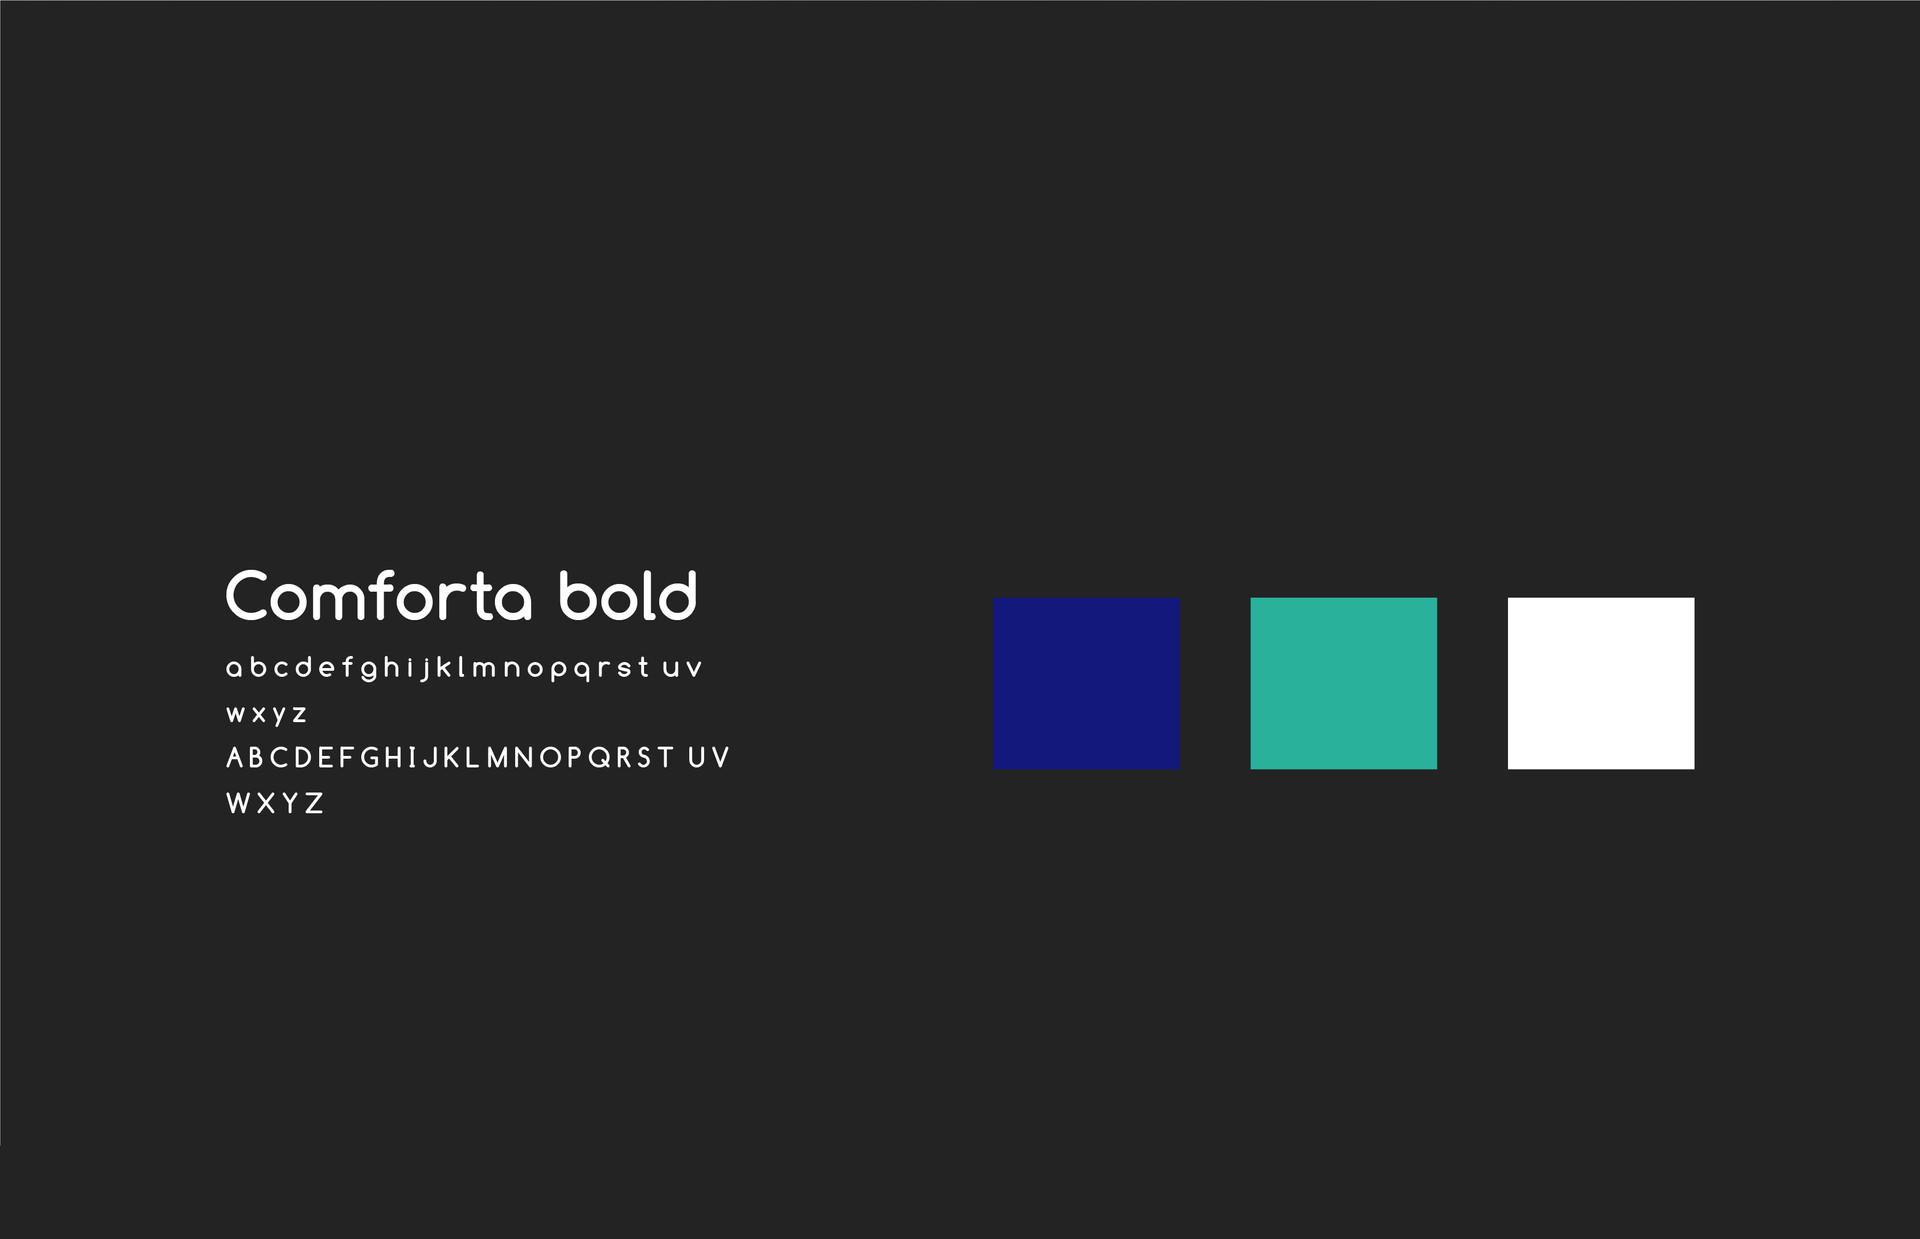 Font & Colours